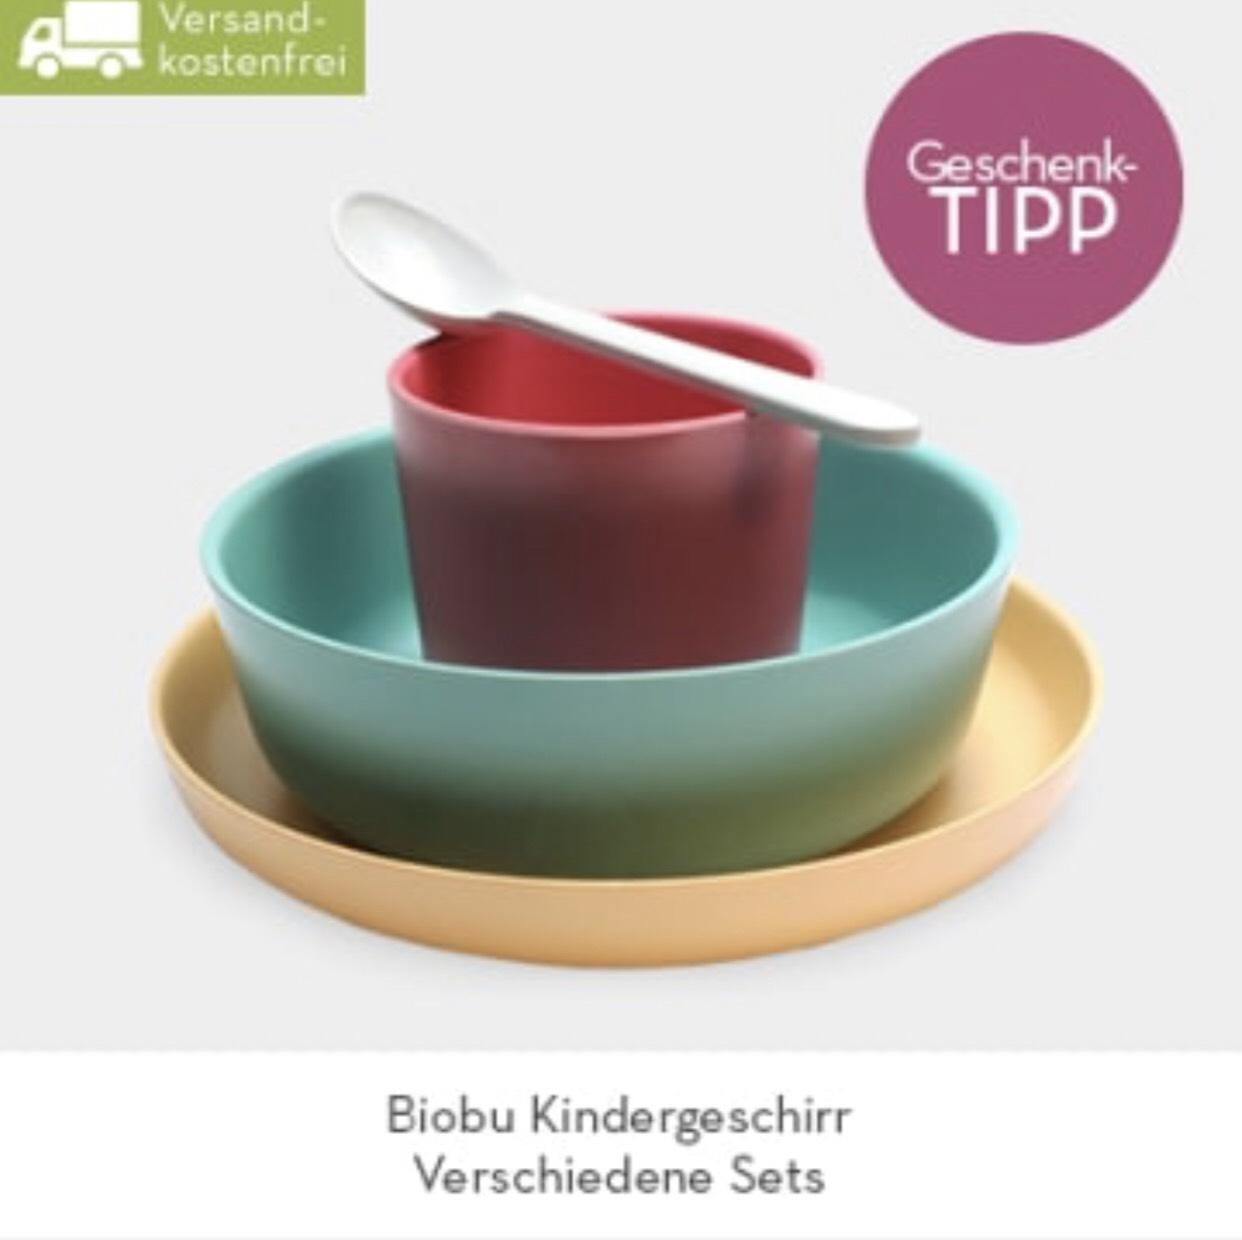 BIOBU Bambus-Kindergeschirr für 19,99€ Anstatt 42,98€